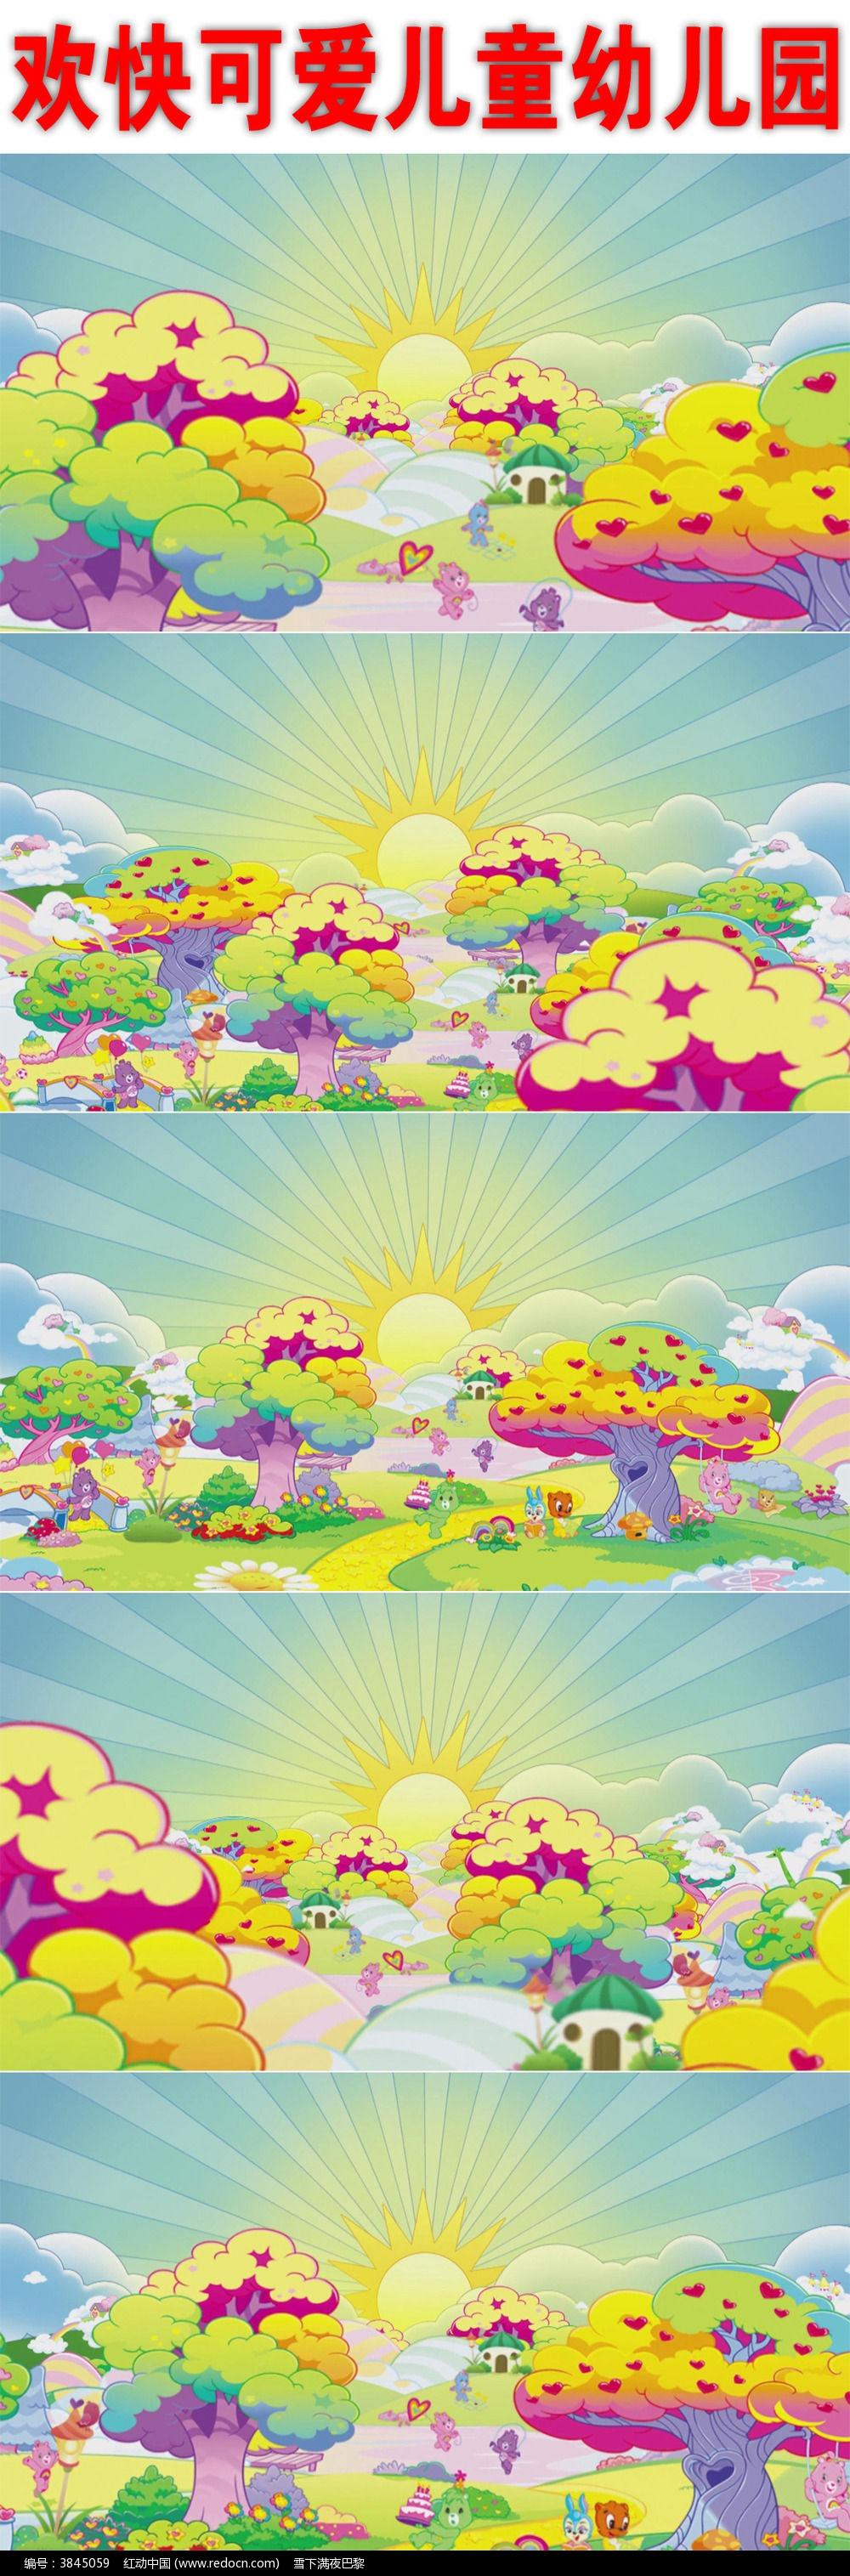 欢乐可爱儿童幼儿园视频素材